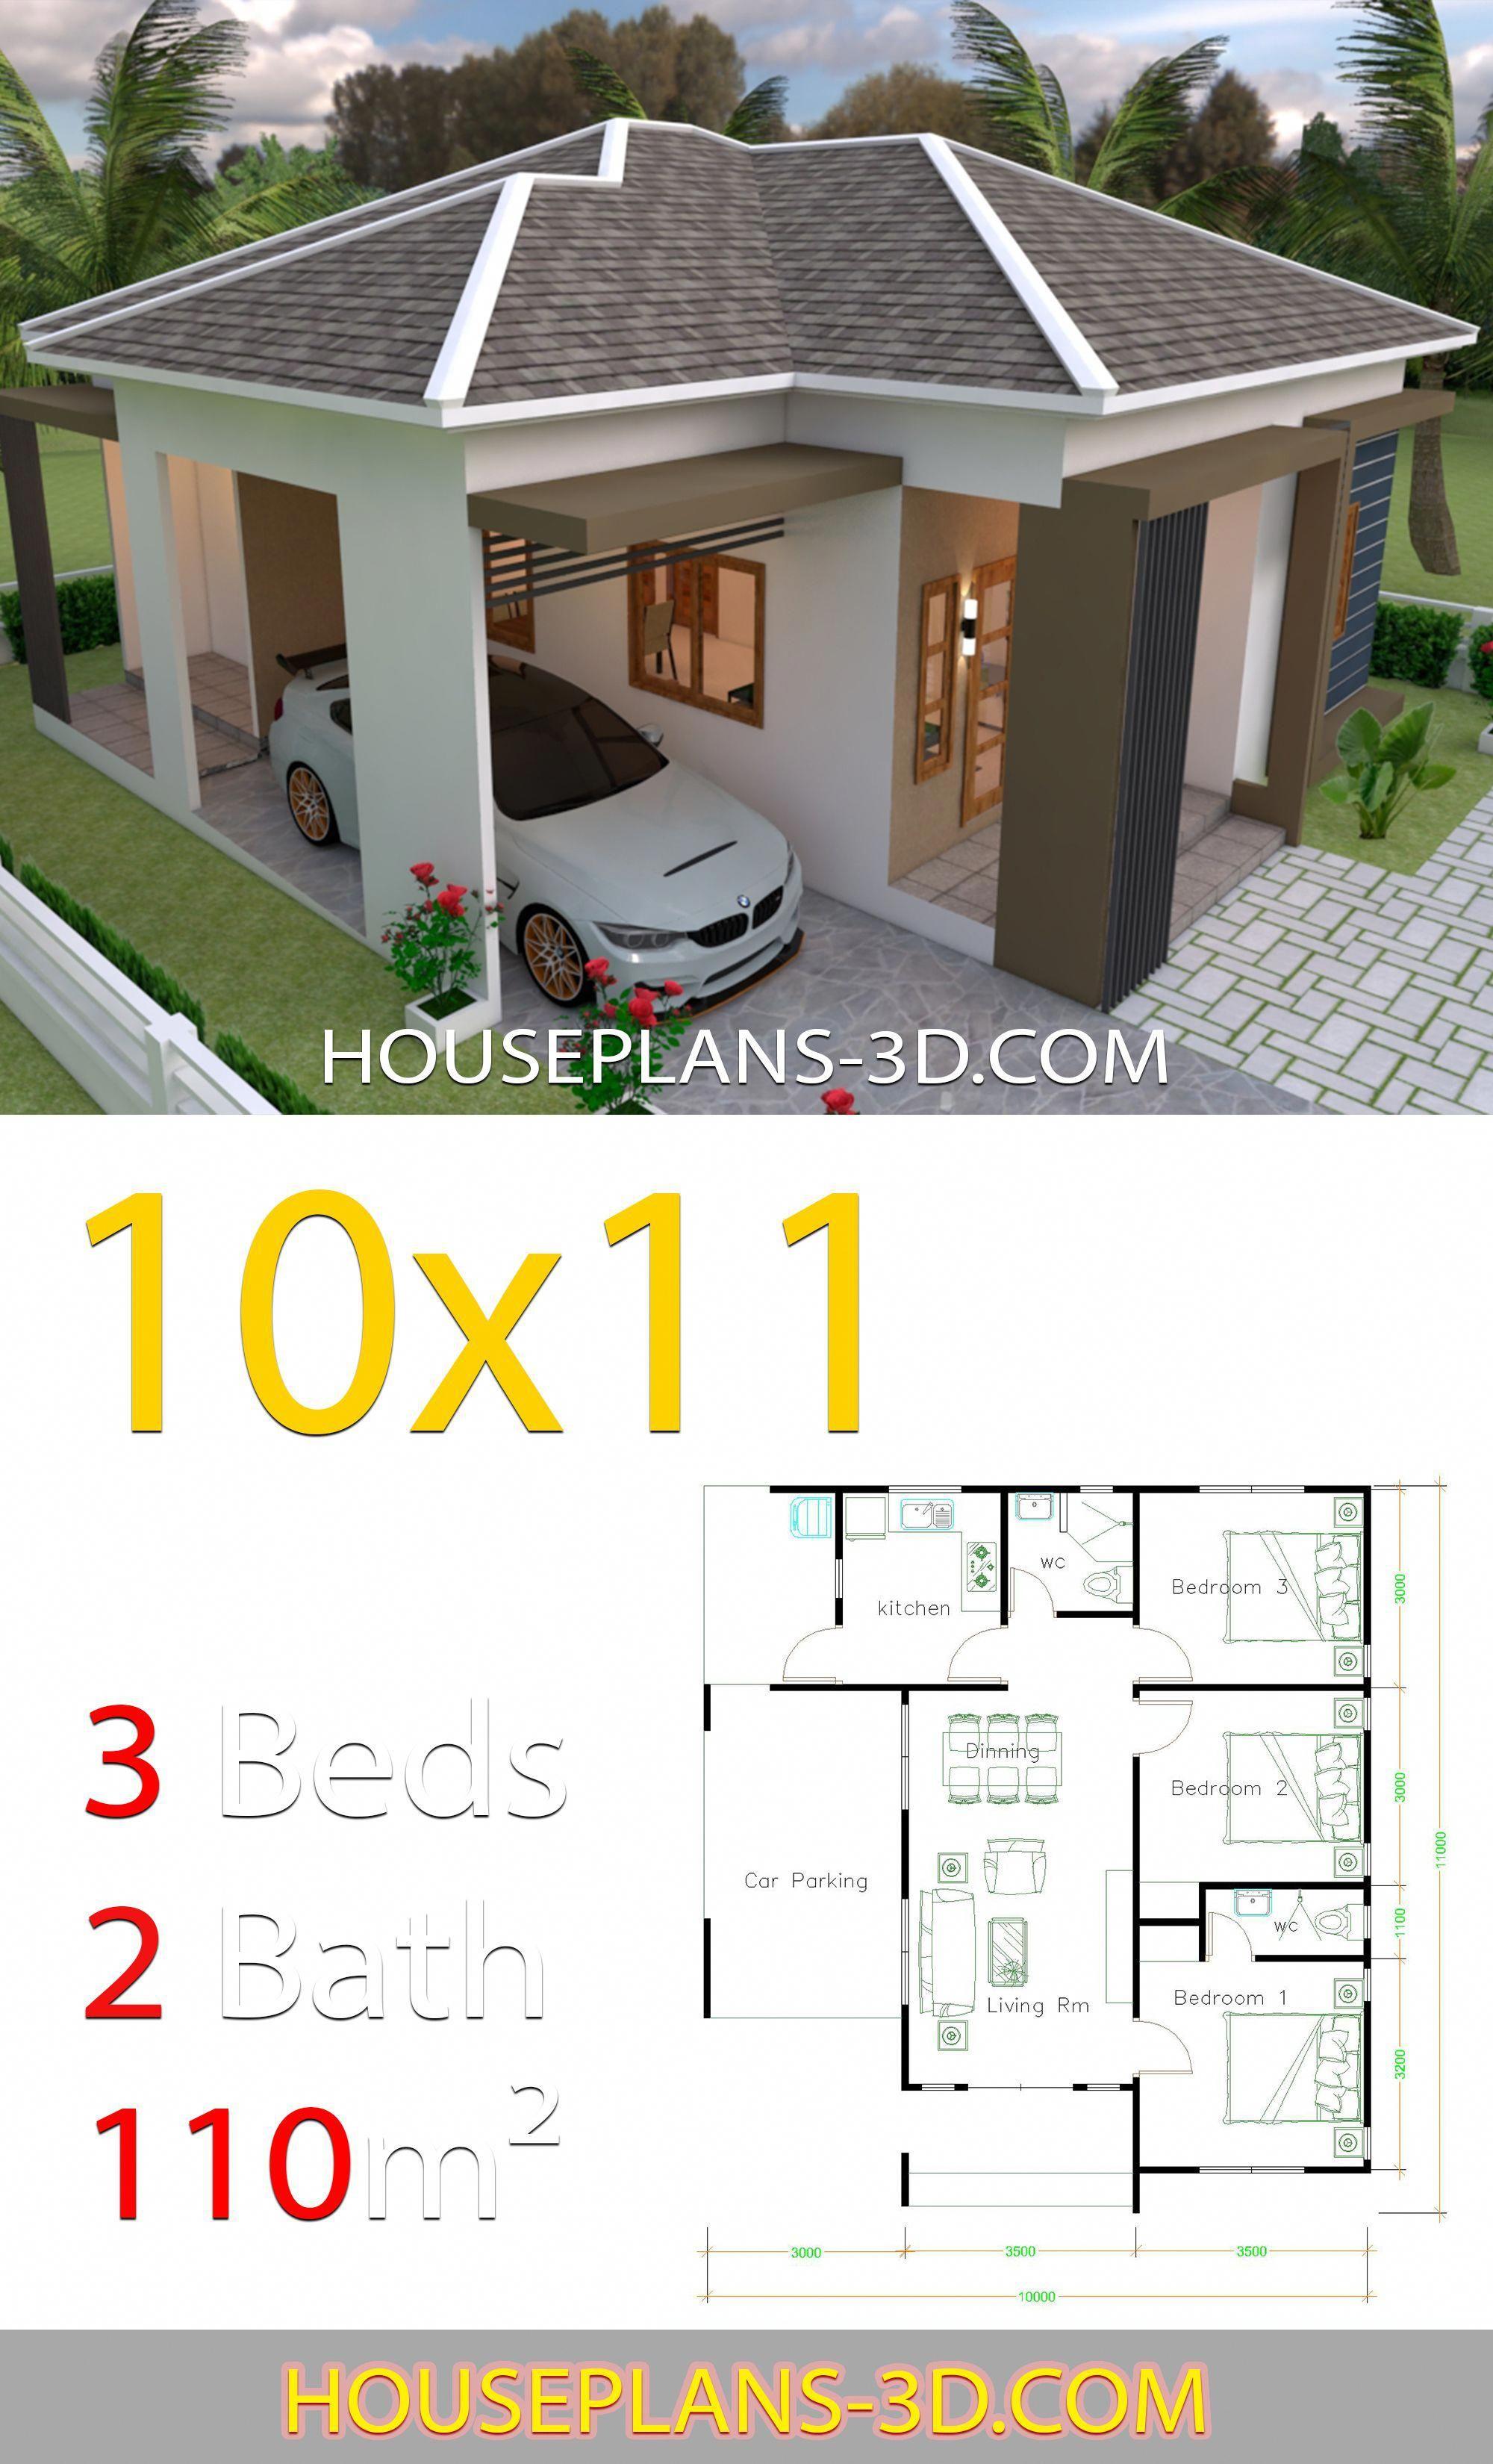 House Ideas Dream Dreamhouses Di 2020 Dekorasi Rumah Pedesaan Rumah Indah Arsitektur